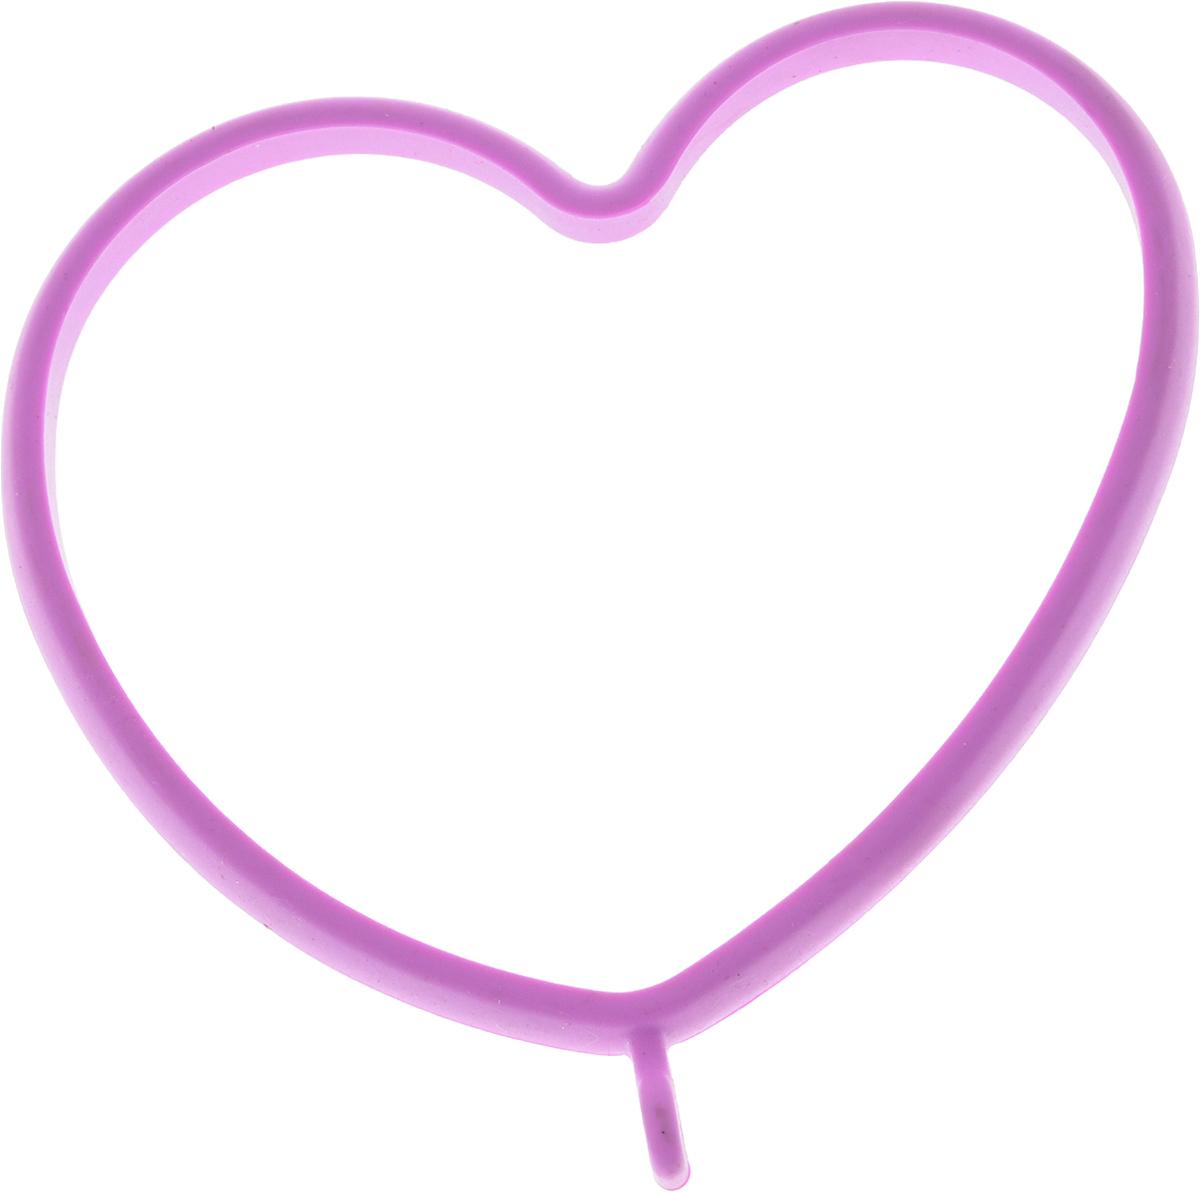 Форма для яичницы Oursson Сердце, 13,5 х 11,4 х 1 смBW1356S/MC_Форма для яичницы Oursson Сердце, выполненная из жаростойкого силикона, подходит для приготовления яичницы, омлета, оладий! Она добавит оригинальности обычным блюдам и особенно понравится детям! Форма не повреждает антипригарное покрытие сковород. Для получения идеального результата рекомендуется использовать ее на ровной поверхности сковороды. Размер формы: 13,5 х 11,4 х 1 см